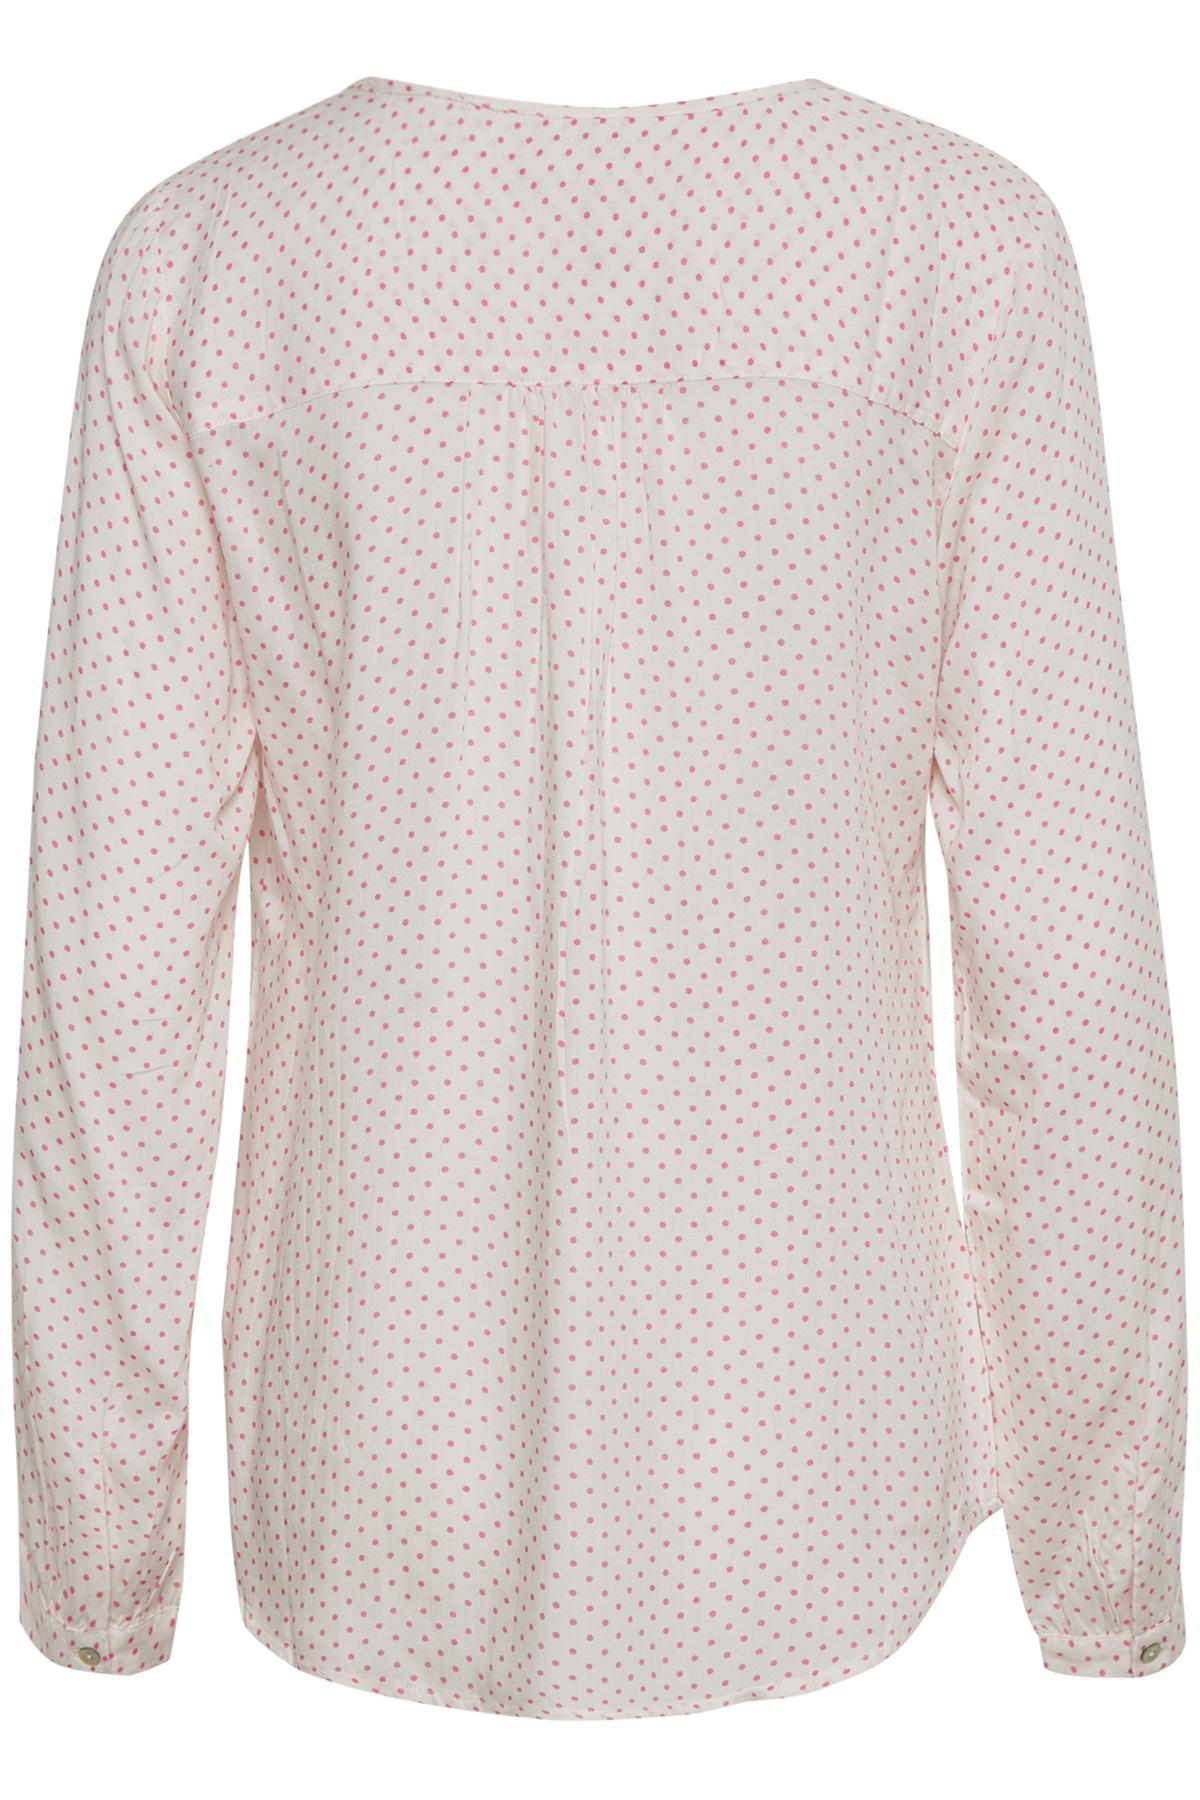 Off-white/roze Blouse met lange mouwen van Kaffe – Door Off-white/roze Blouse met lange mouwen van maat. 34-46 hier